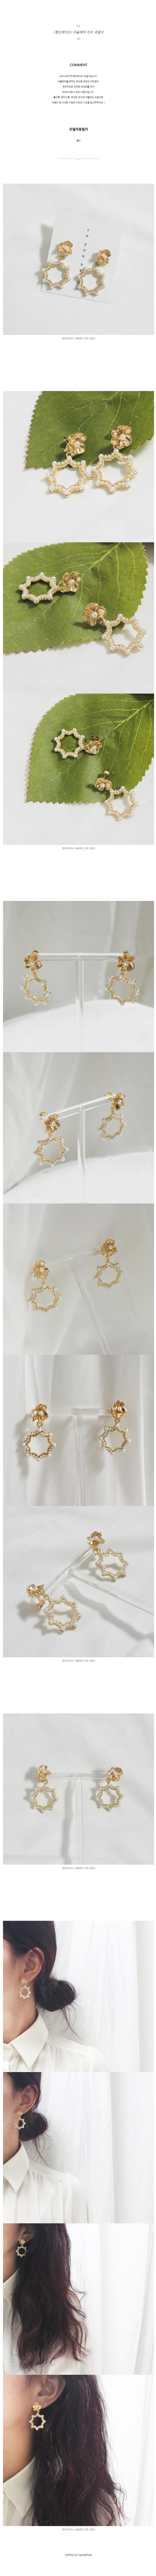 (자체제작) 비올레타 진주 귀걸이 - 소유니즈마켓, 10,000원, 골드, 드롭귀걸이